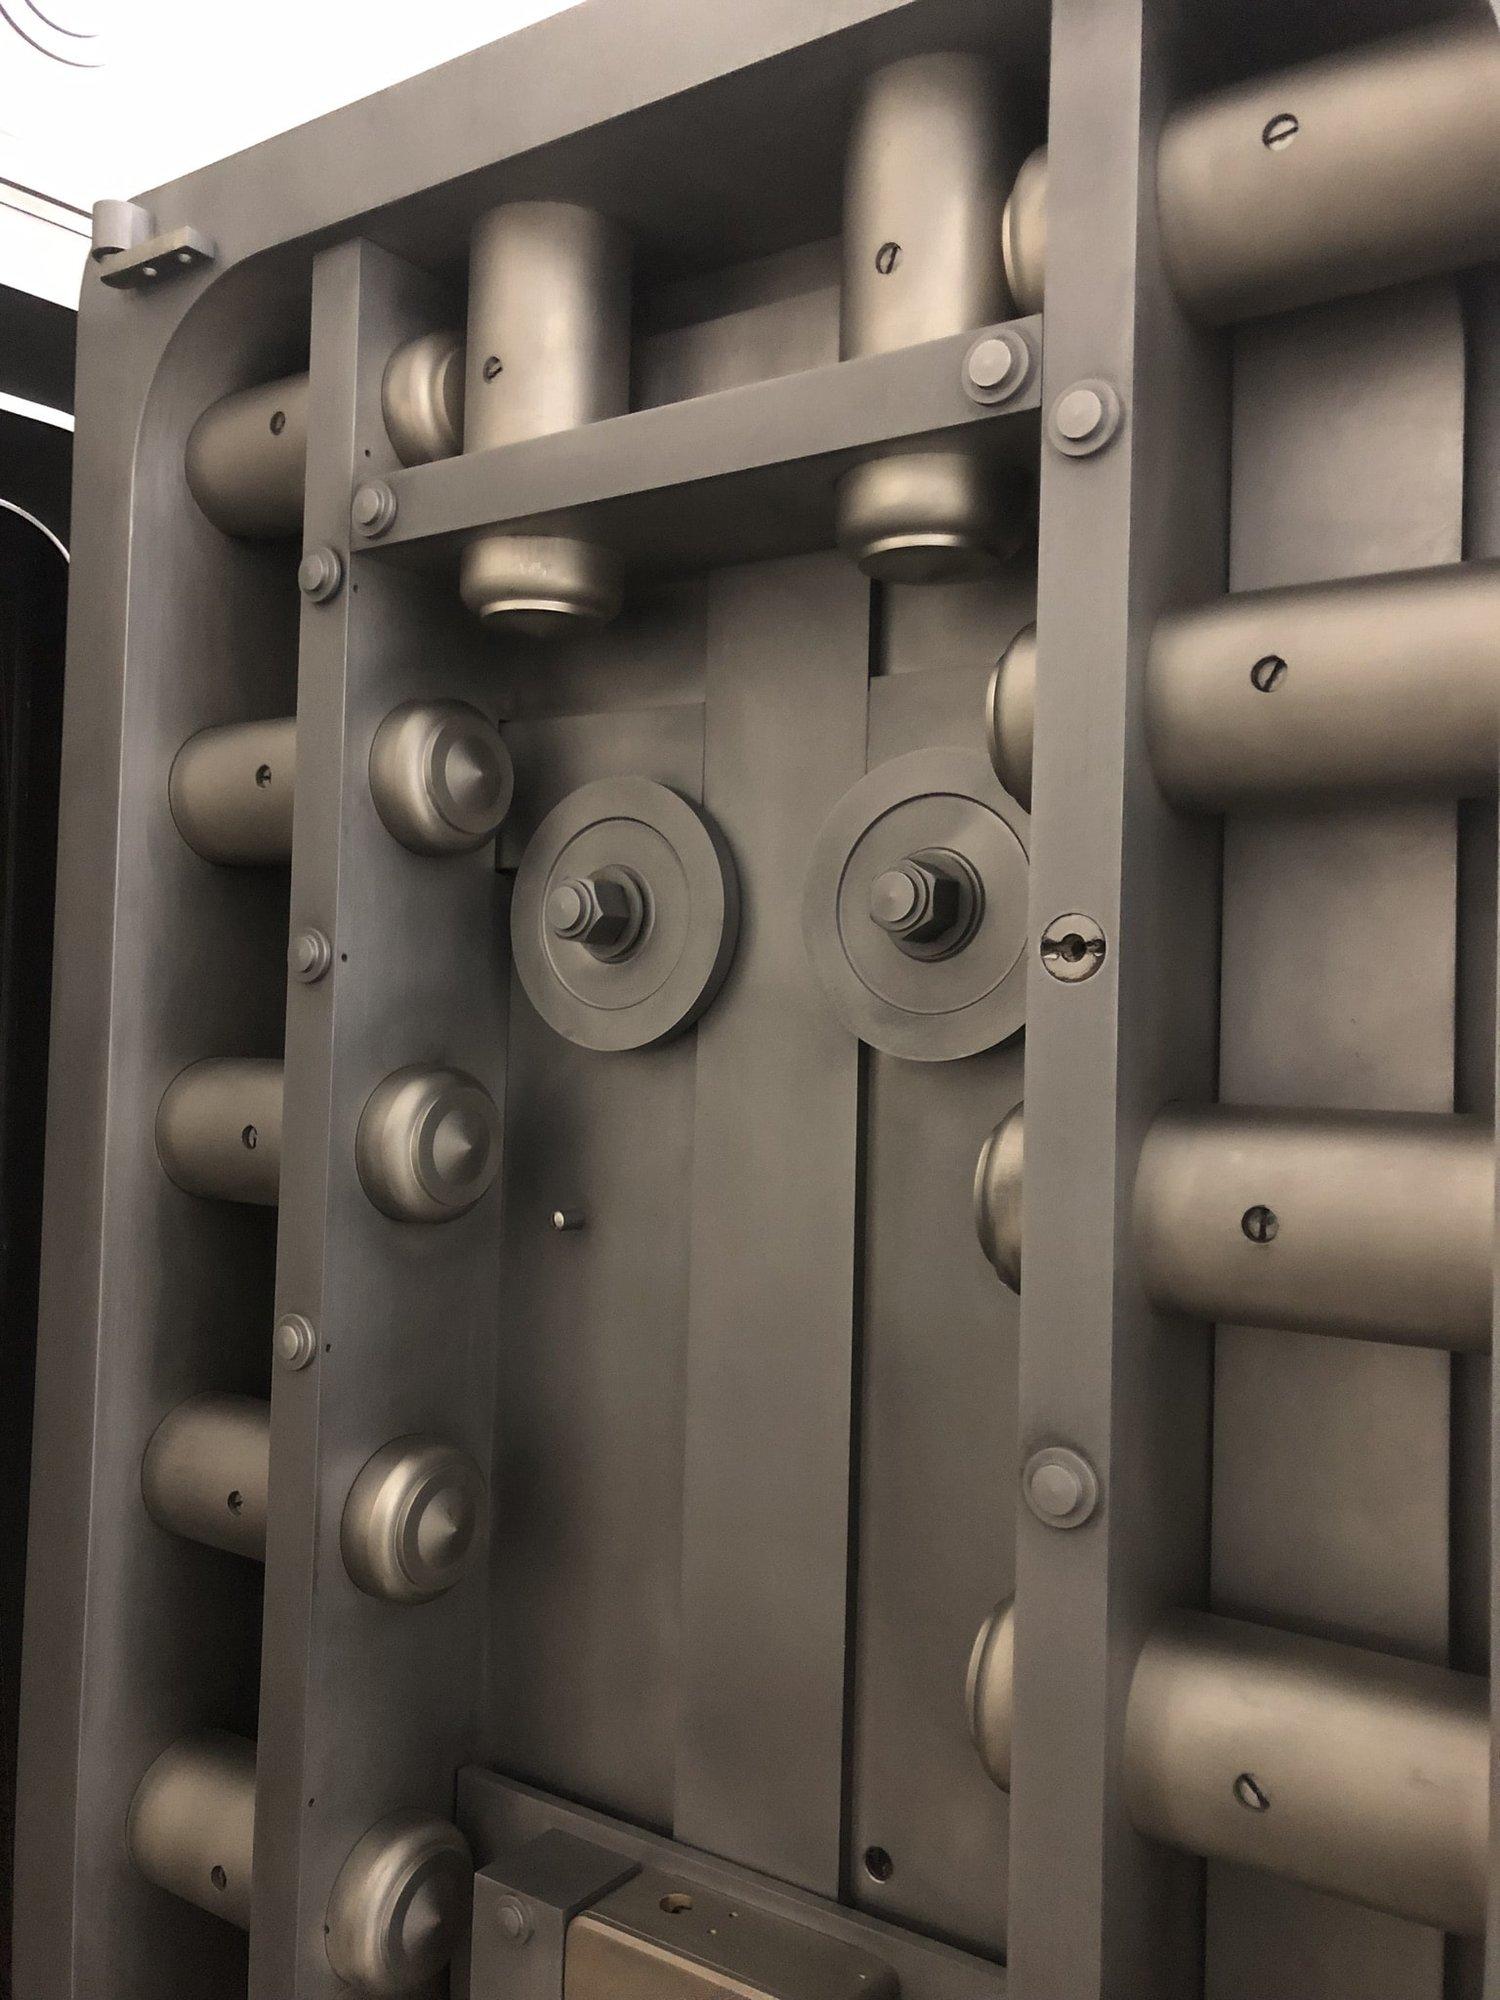 Kc Scientology Building Remodeling Project Blast Polish Metal